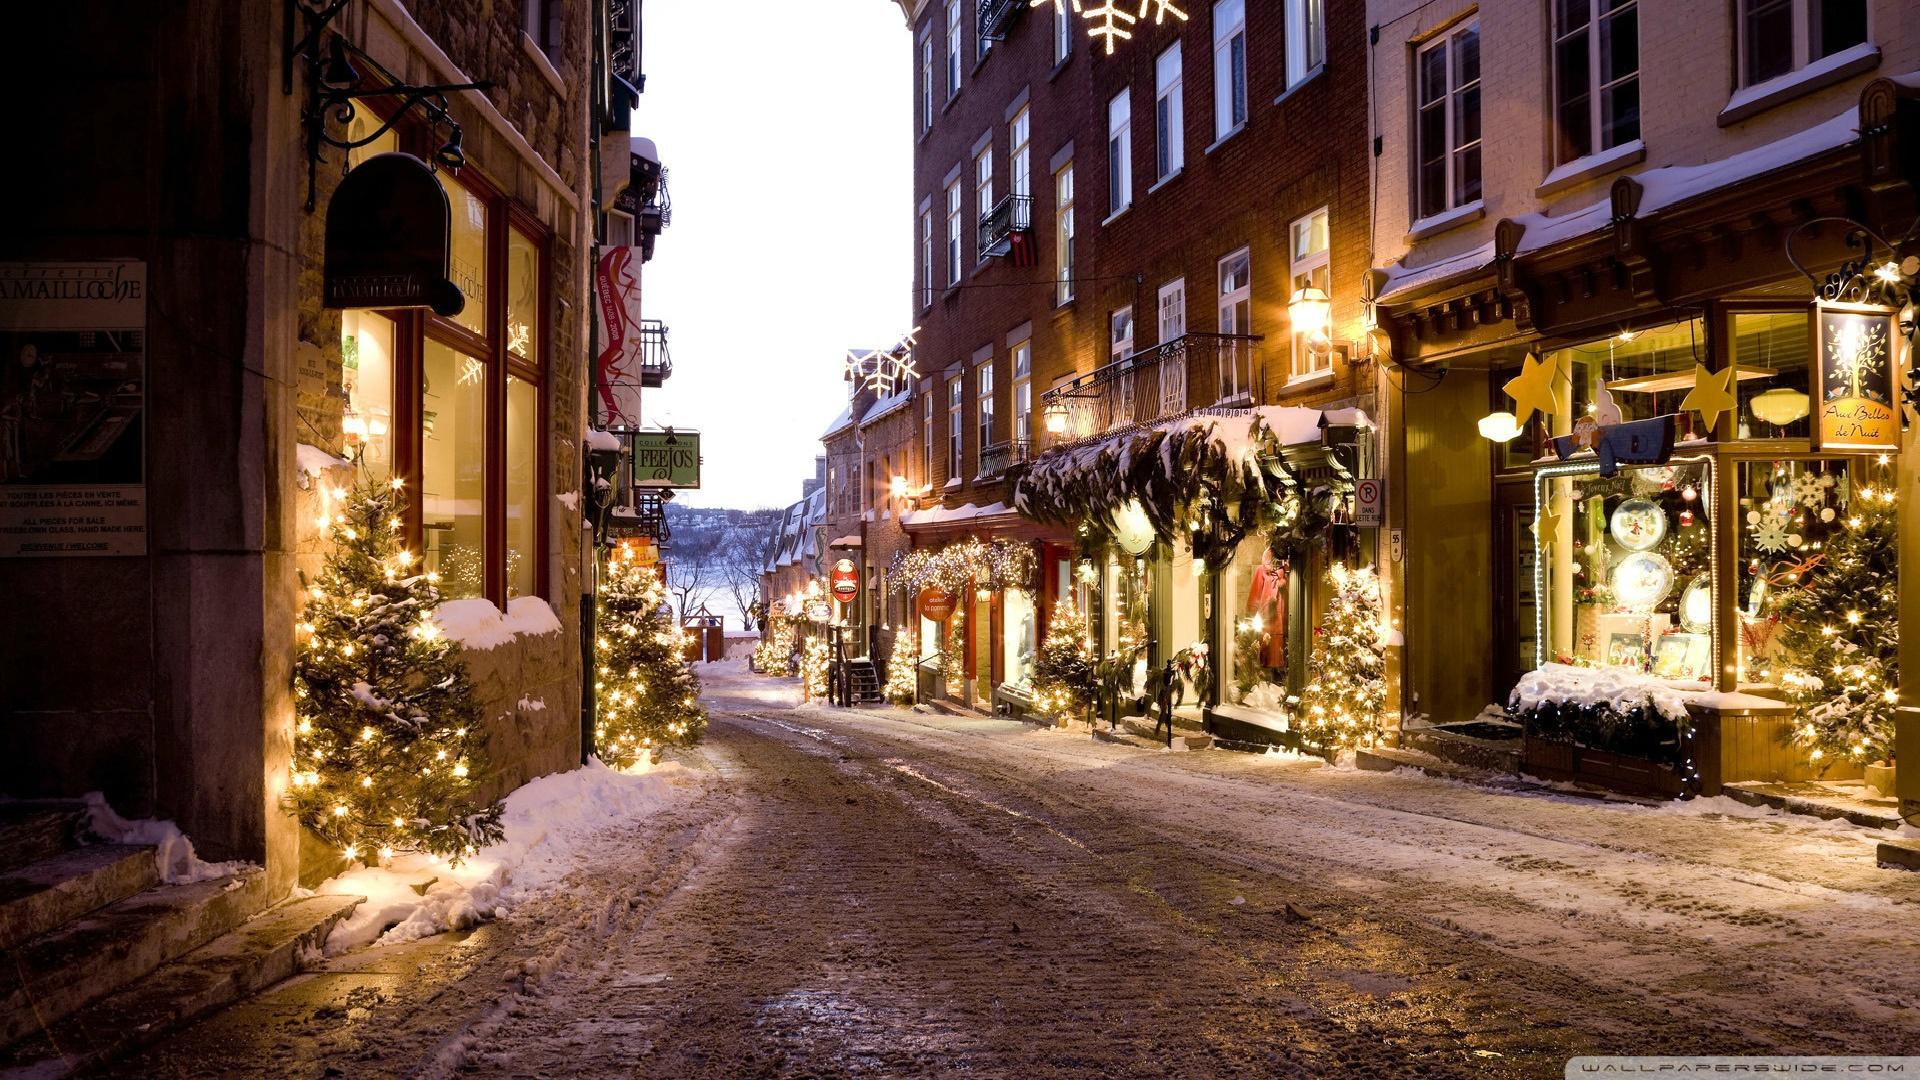 Holiday   Christmas Christmas Tree Christmas Lights Street Wallpaper 1920x1080